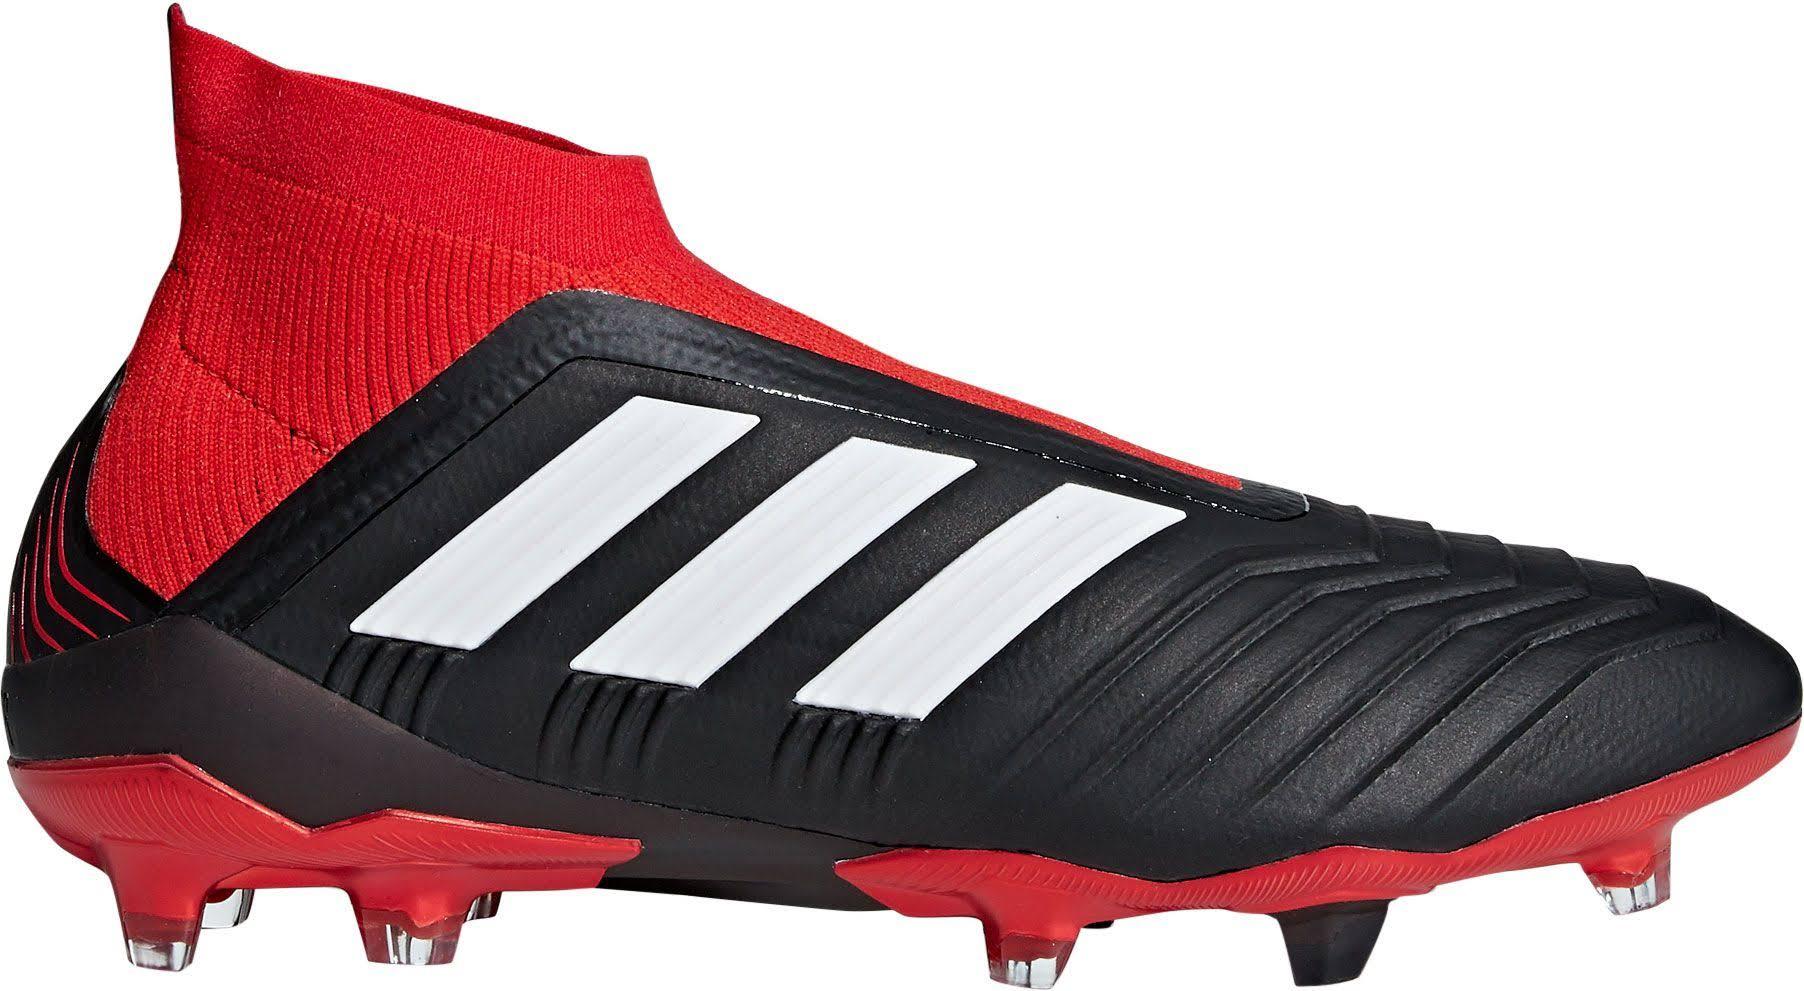 Predator Schwarz Fußballschuh 18 5 8 Fg Größe Herren Adidas Px5qTT